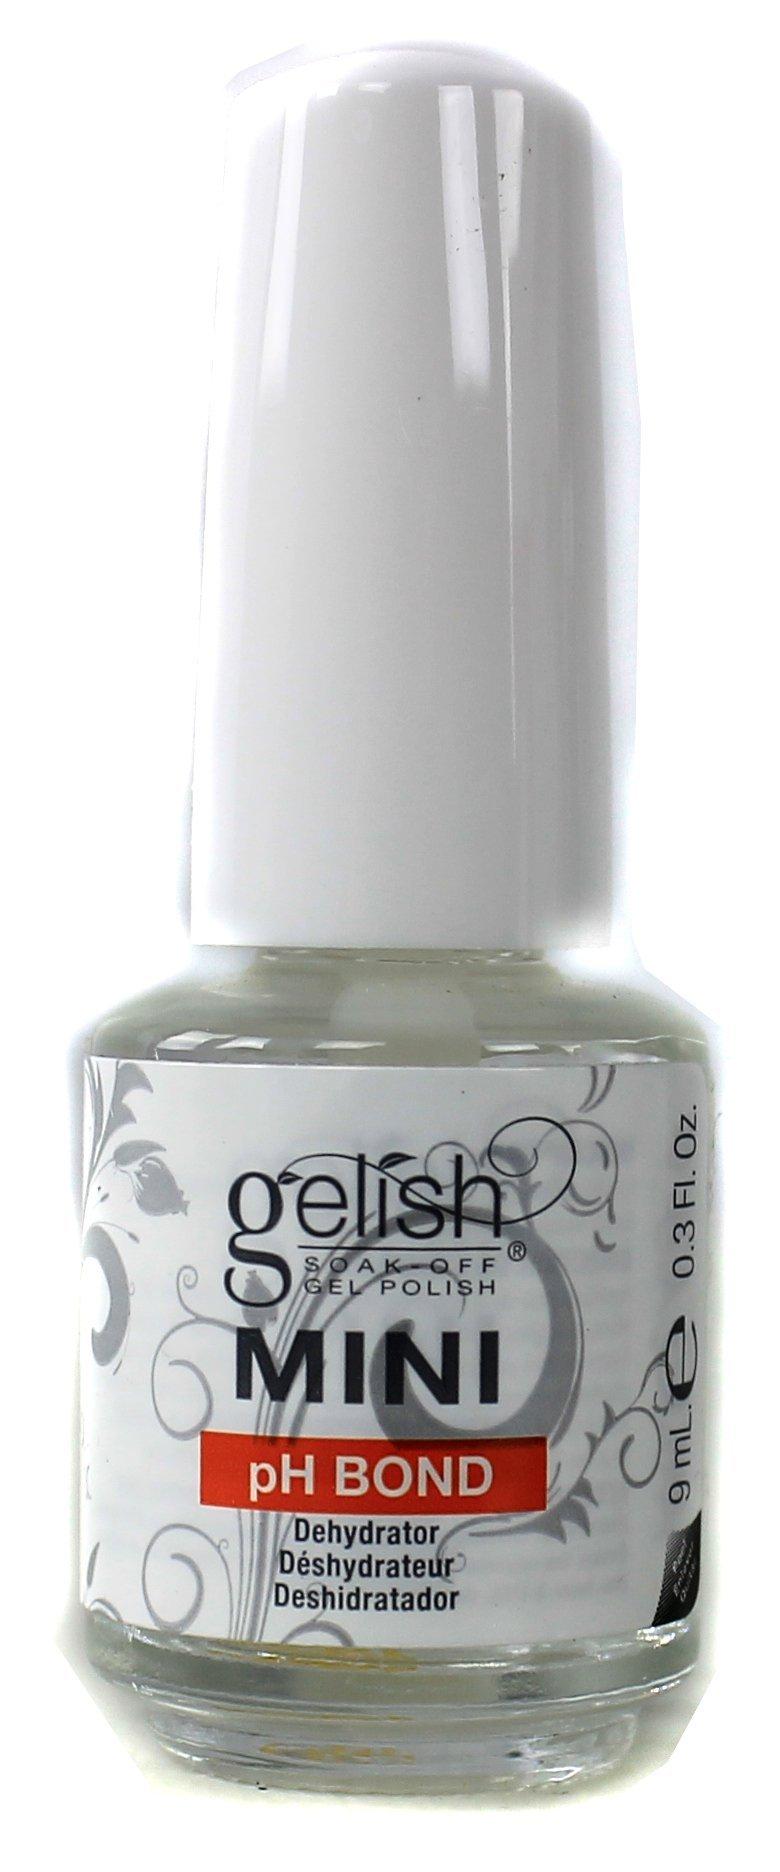 Gelish Harmony 18G Gel LED Nail Polish Curing Manicure Light Lamp + Basix Kit by Gelish (Image #8)